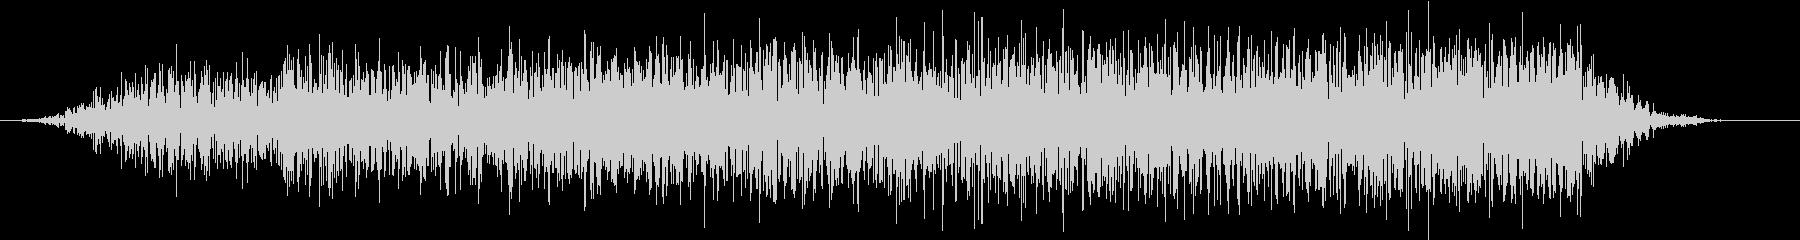 モンスター 悲鳴 42の未再生の波形